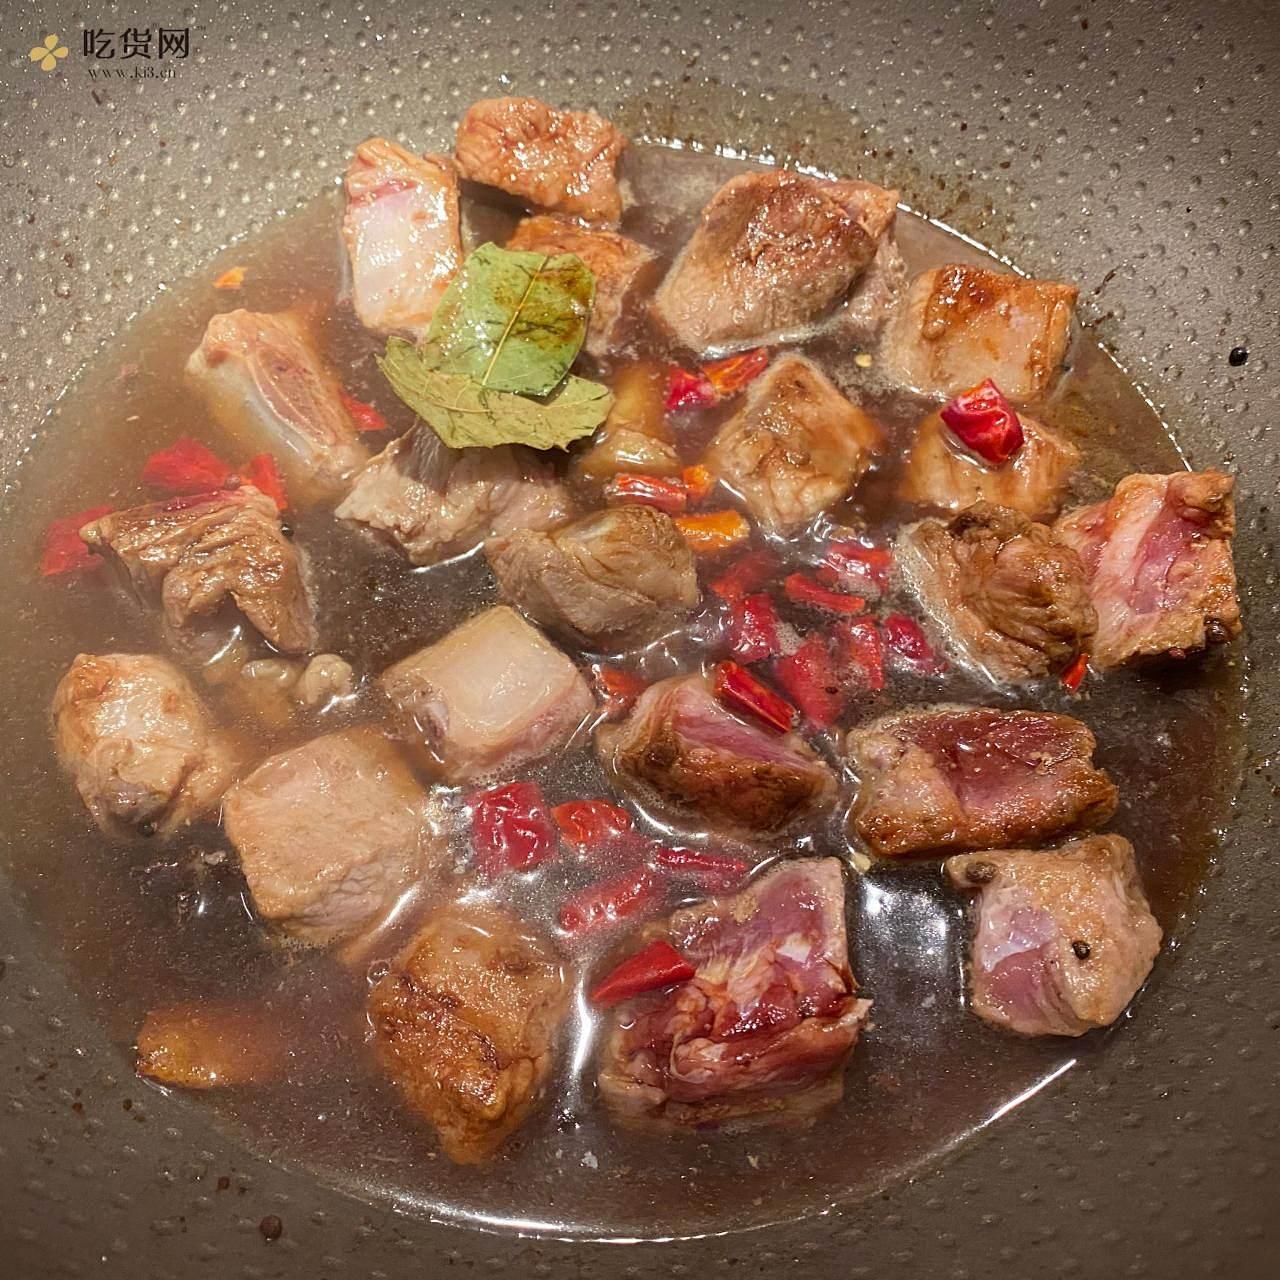 家常红烧排骨土豆的做法 步骤4